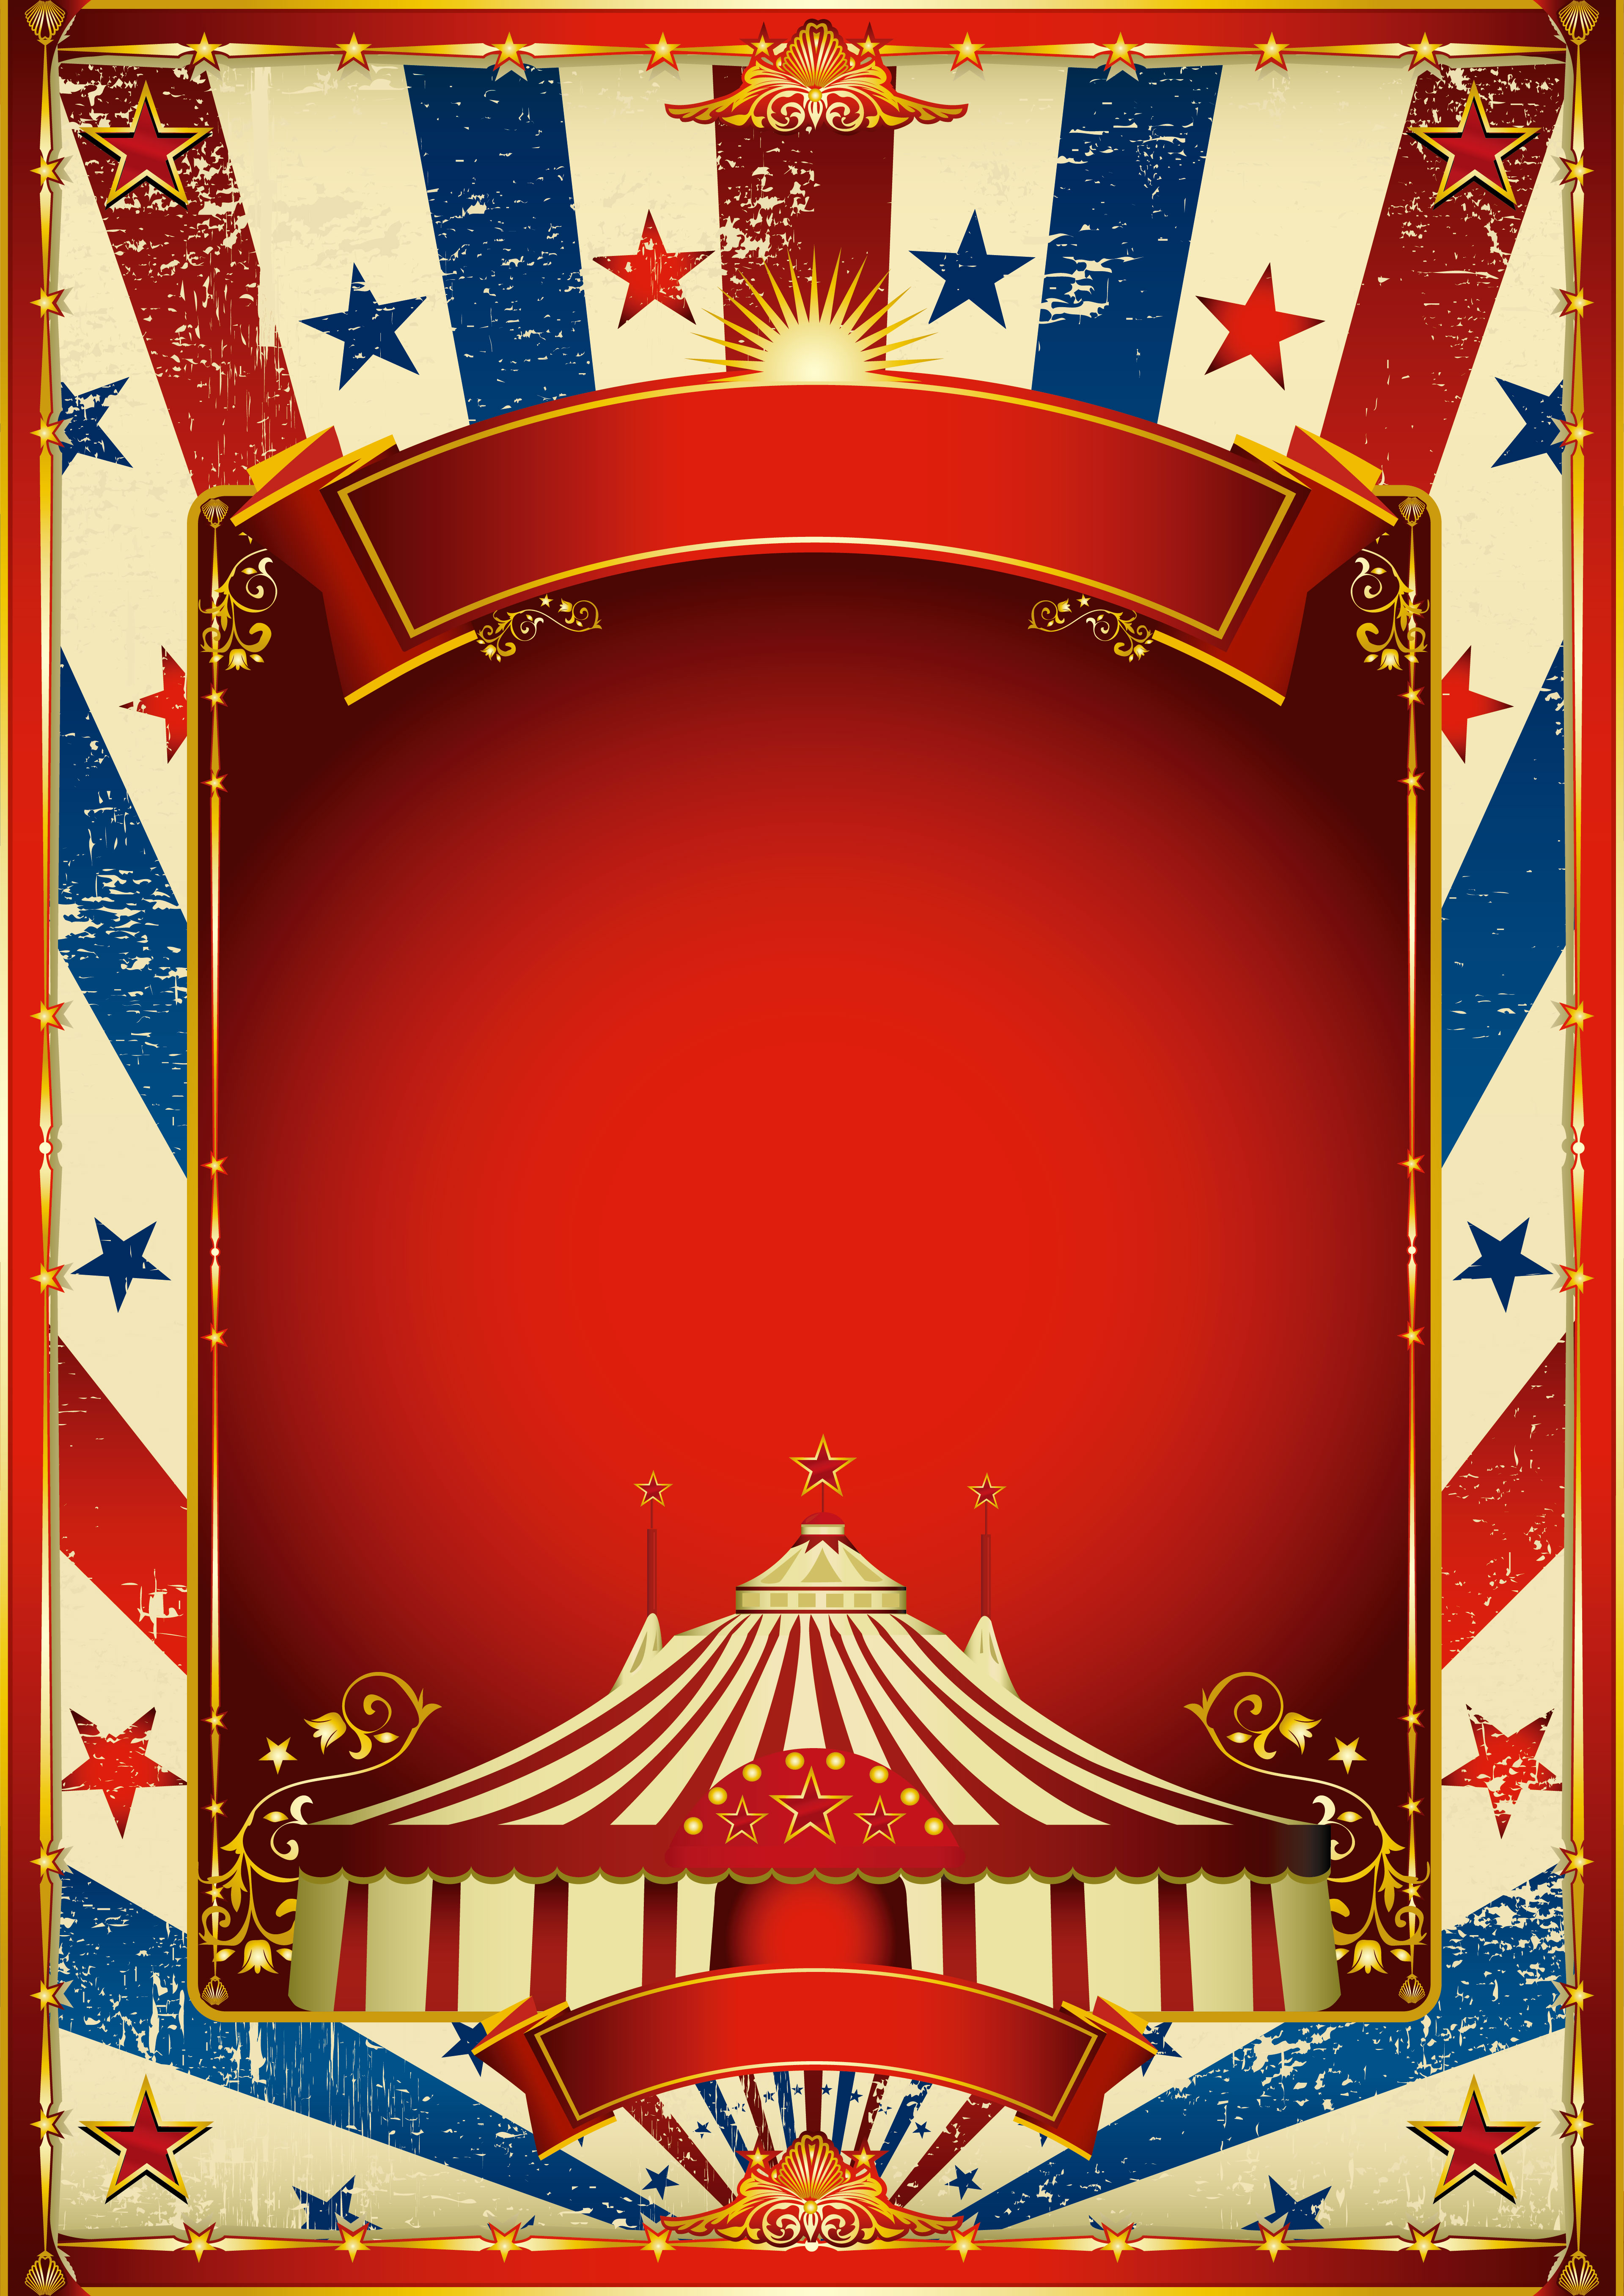 des affiches de cirque  bande rouge et bleu  arri u00e8re plan